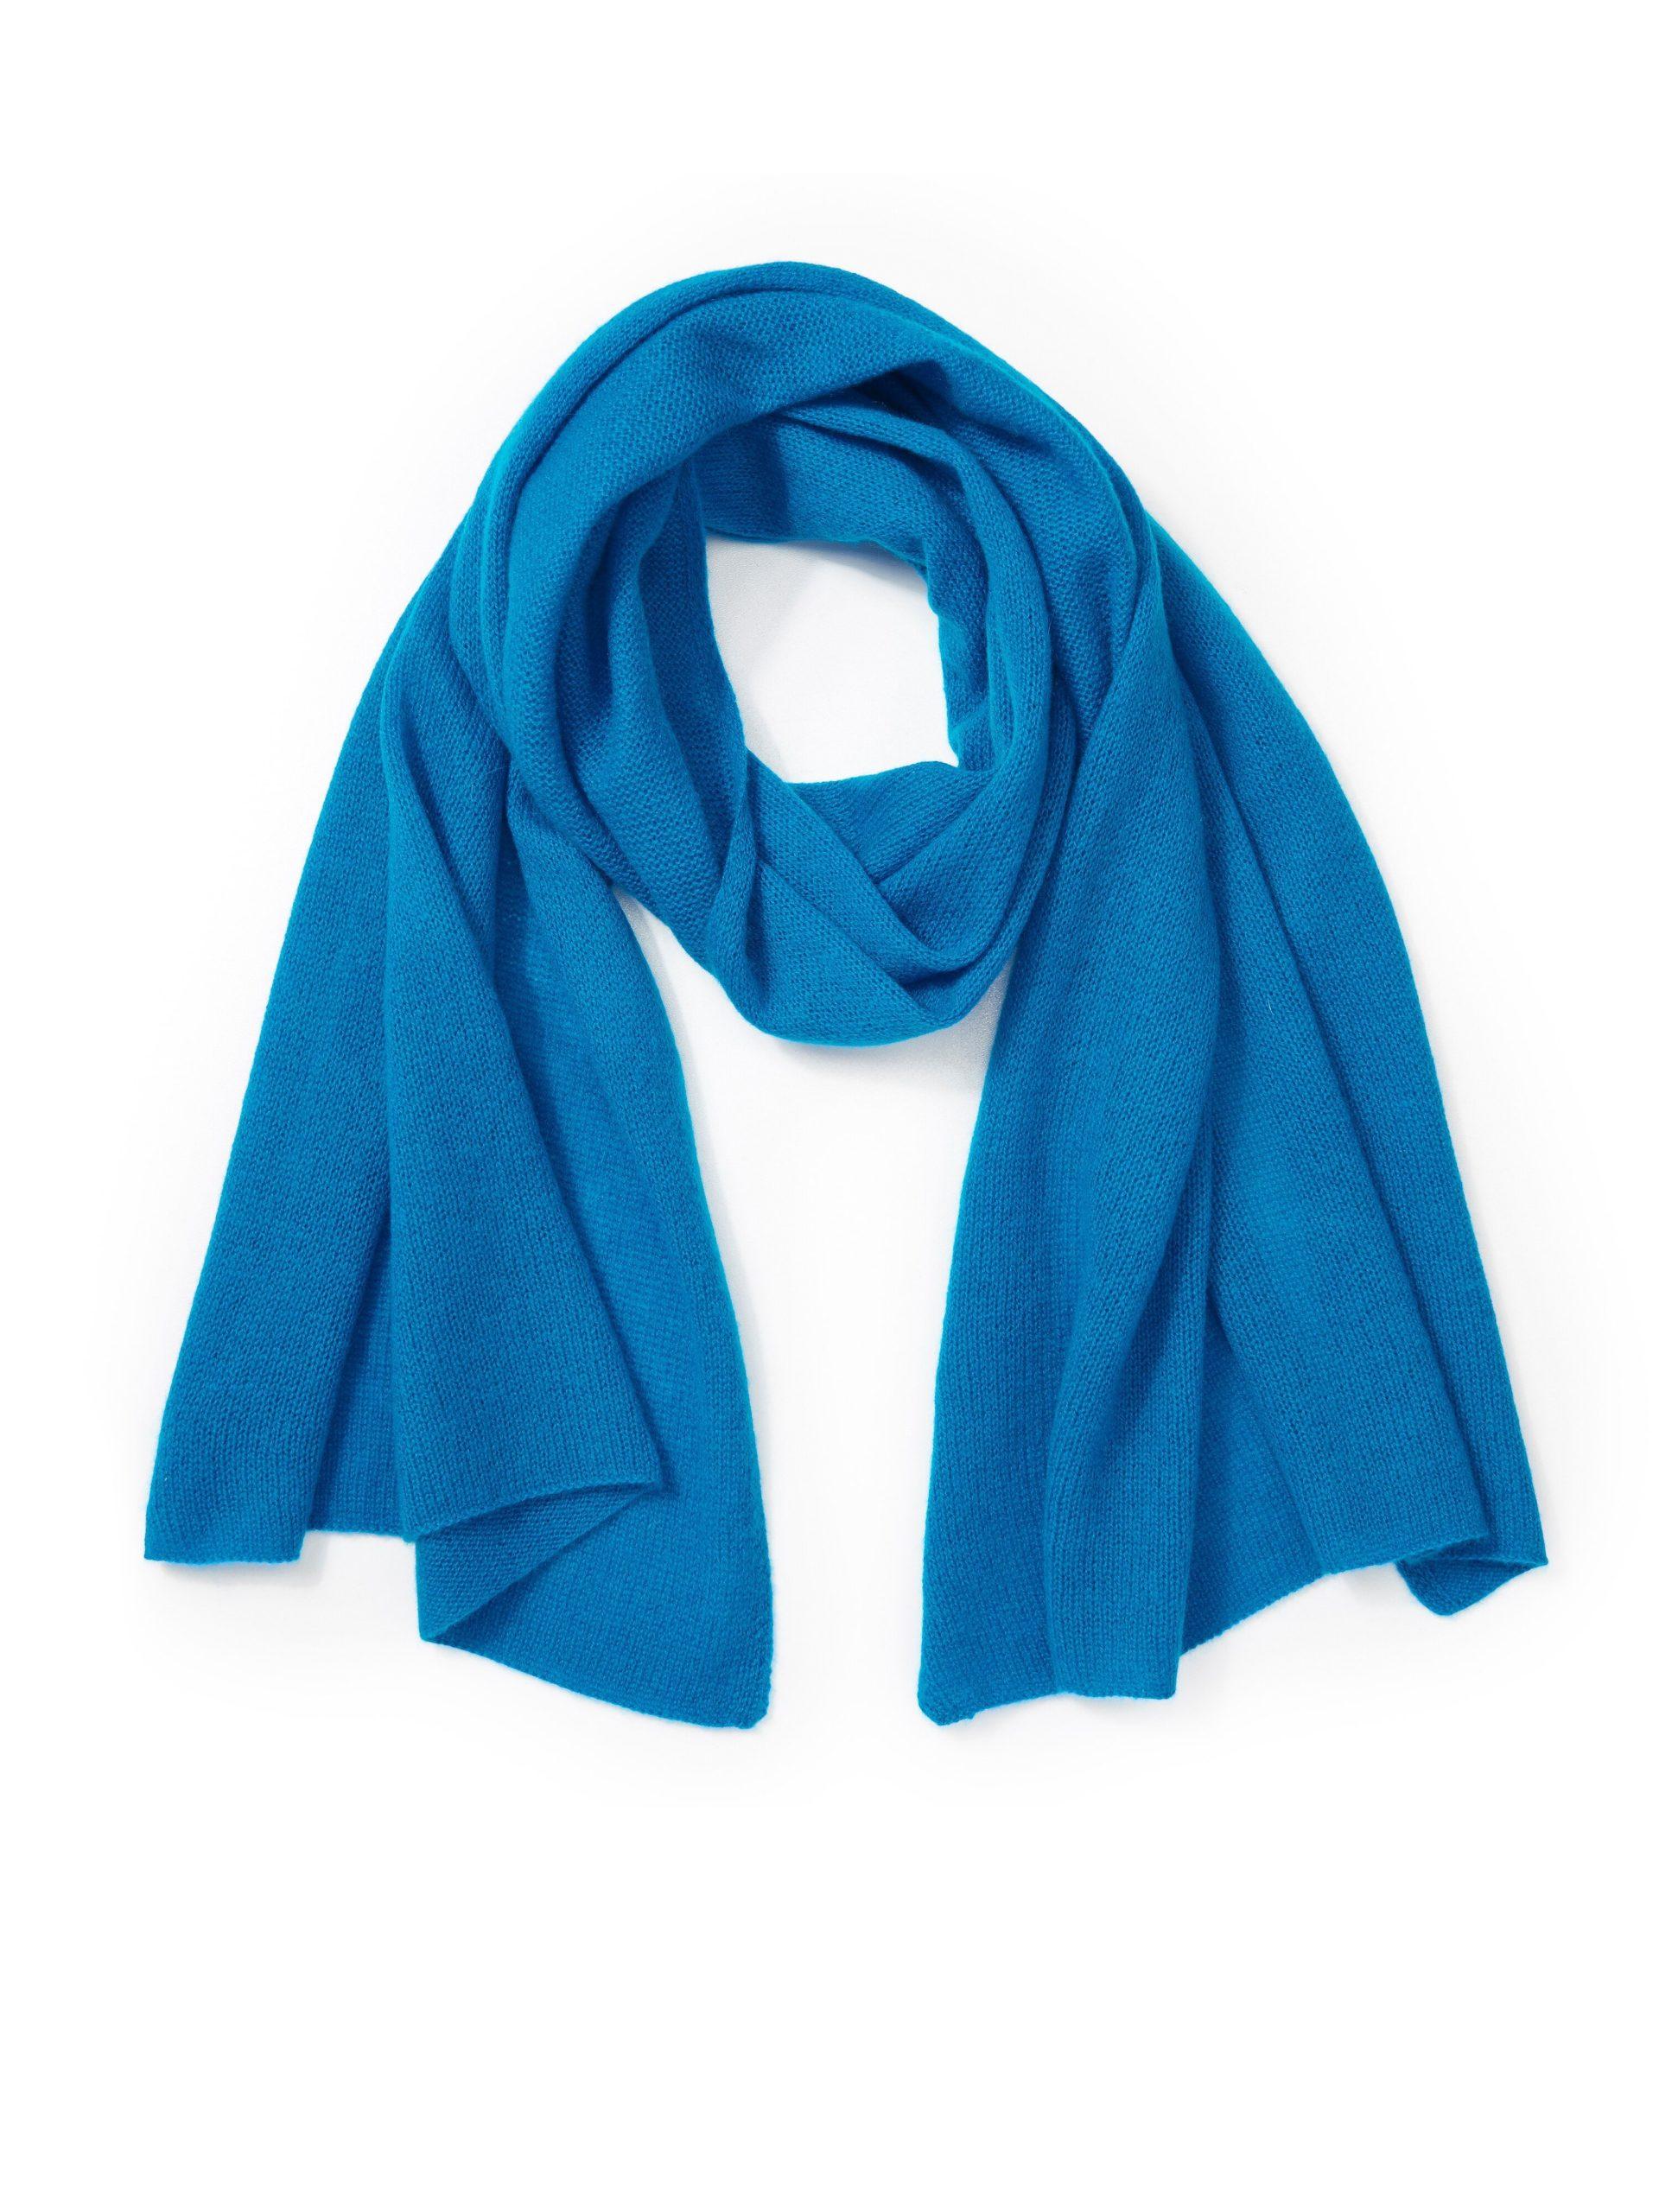 Sjaal van 100% kasjmier Van Peter Hahn Cashmere turquoise Kopen